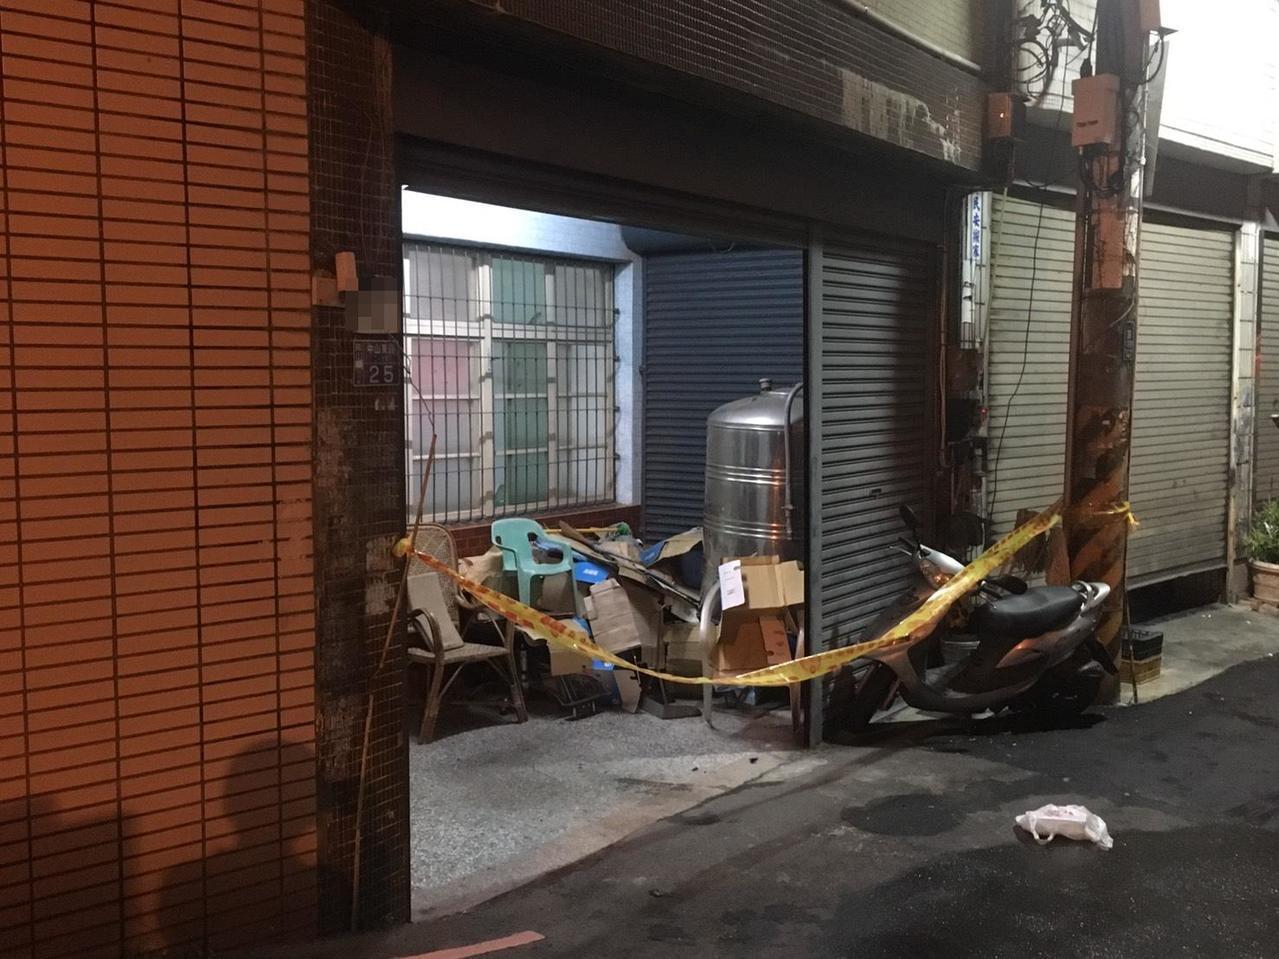 高雄市鳳山區1棟樓房發生火警,1對母子燒傷送醫。記者林保光/翻攝